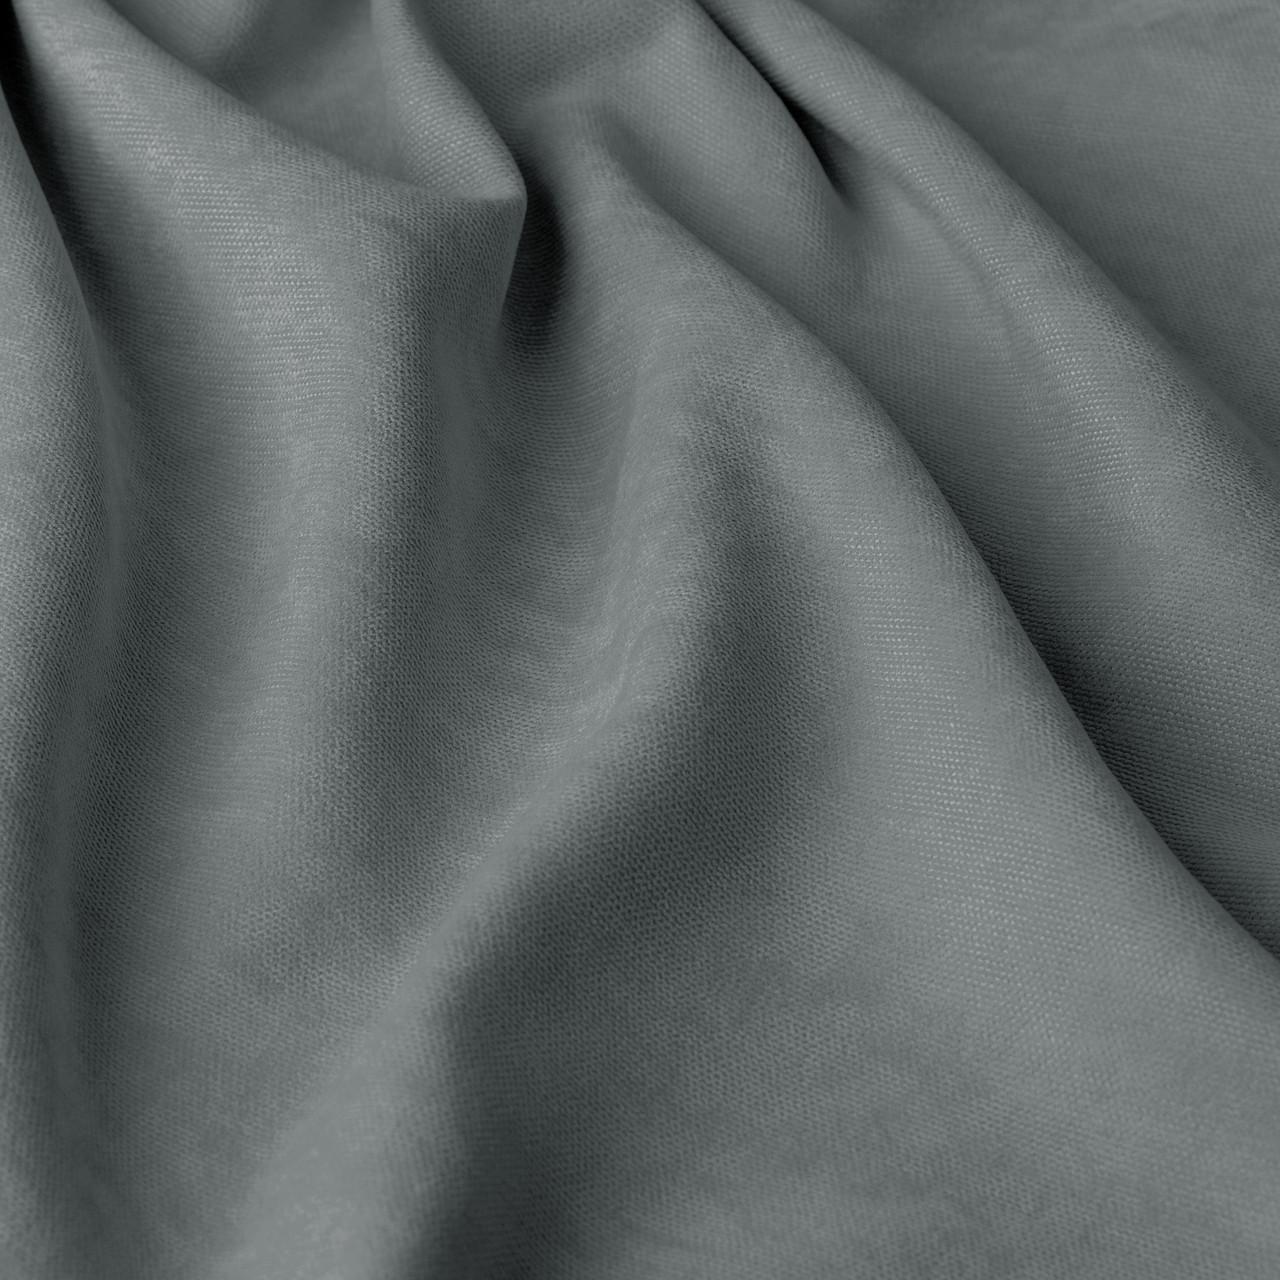 Однотонная декоративная ткань велюр серого цвета 295см 84441v51